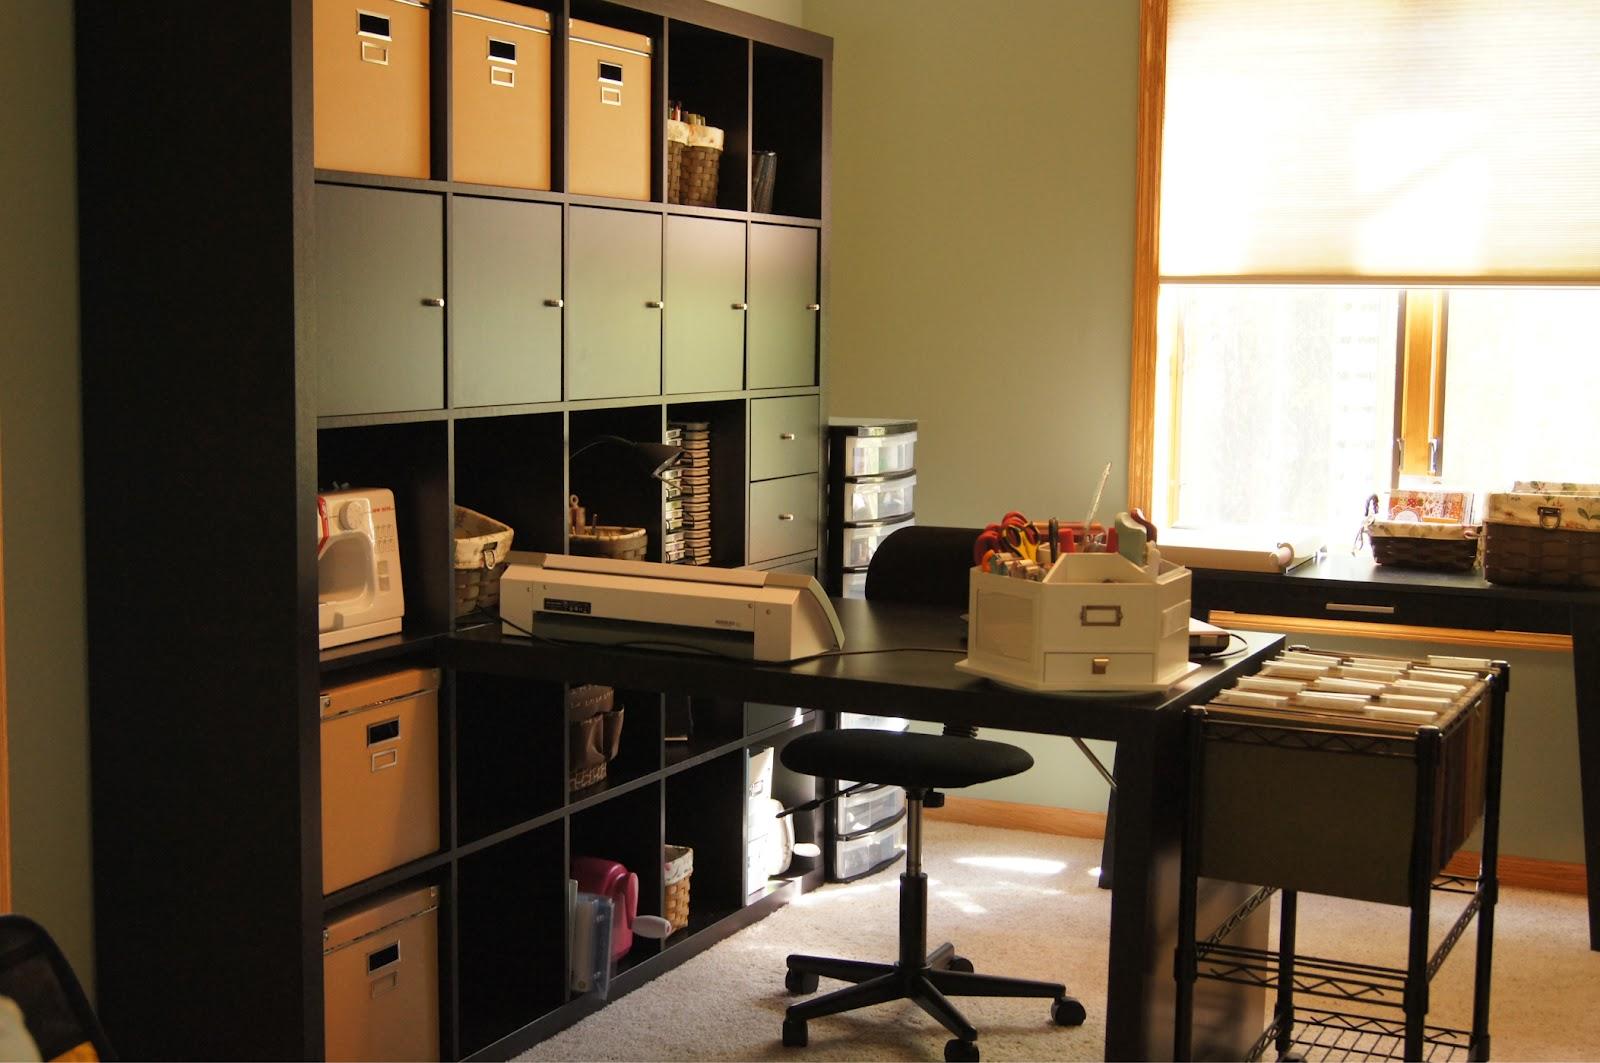 Gina k designs stamptv blog my little studio for Office design hacks